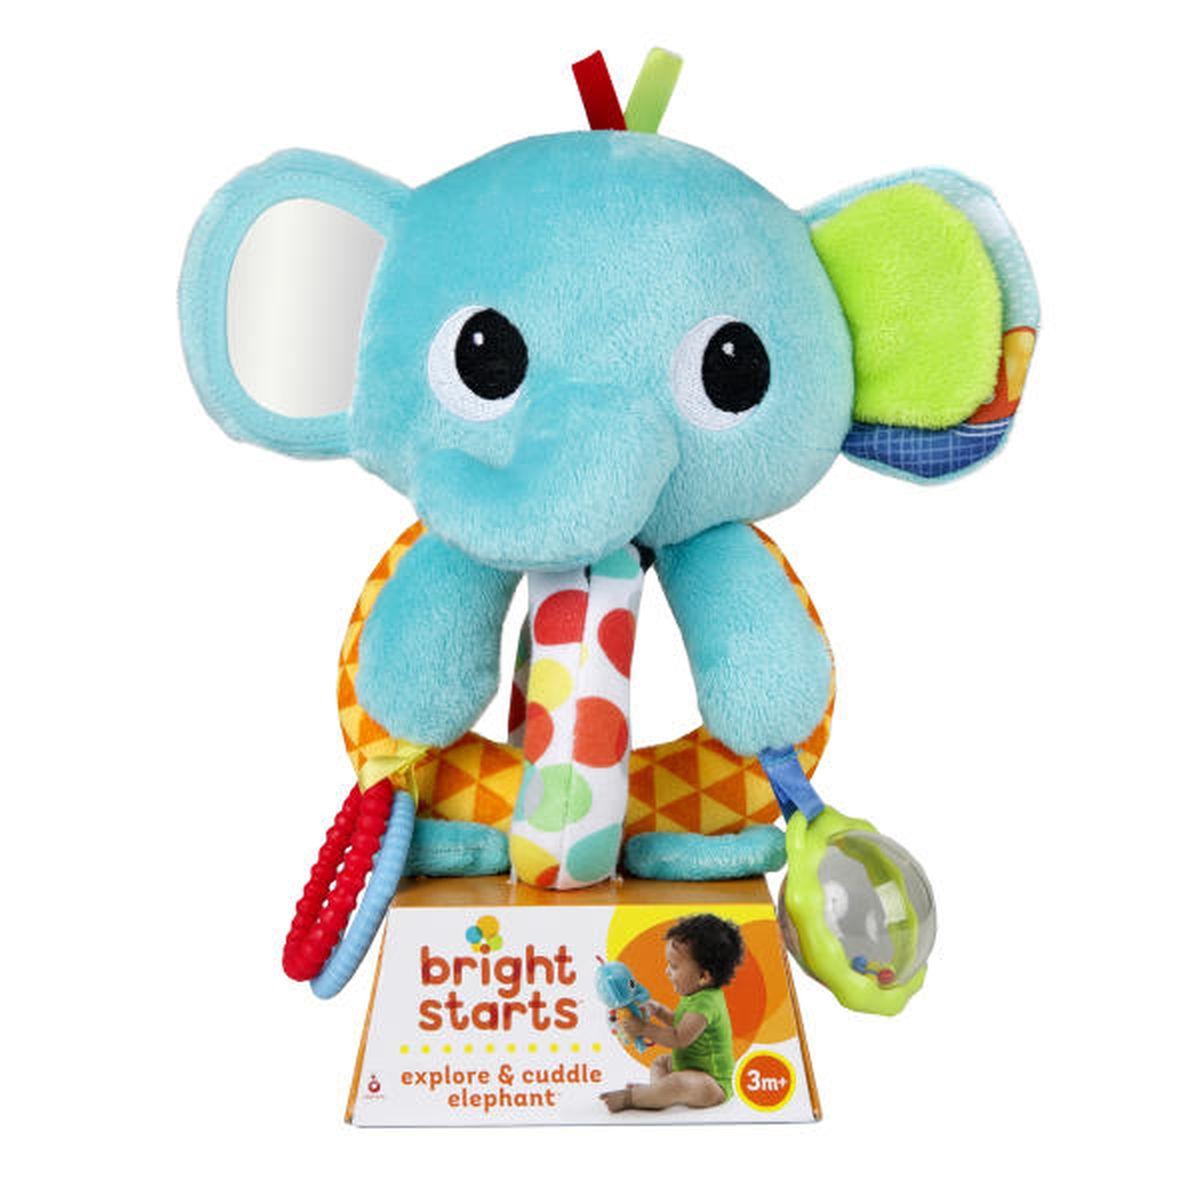 Bright Starts Развивающая игрушка Ласковый слоненок игрушка подвеска bright starts развивающая игрушка щенок